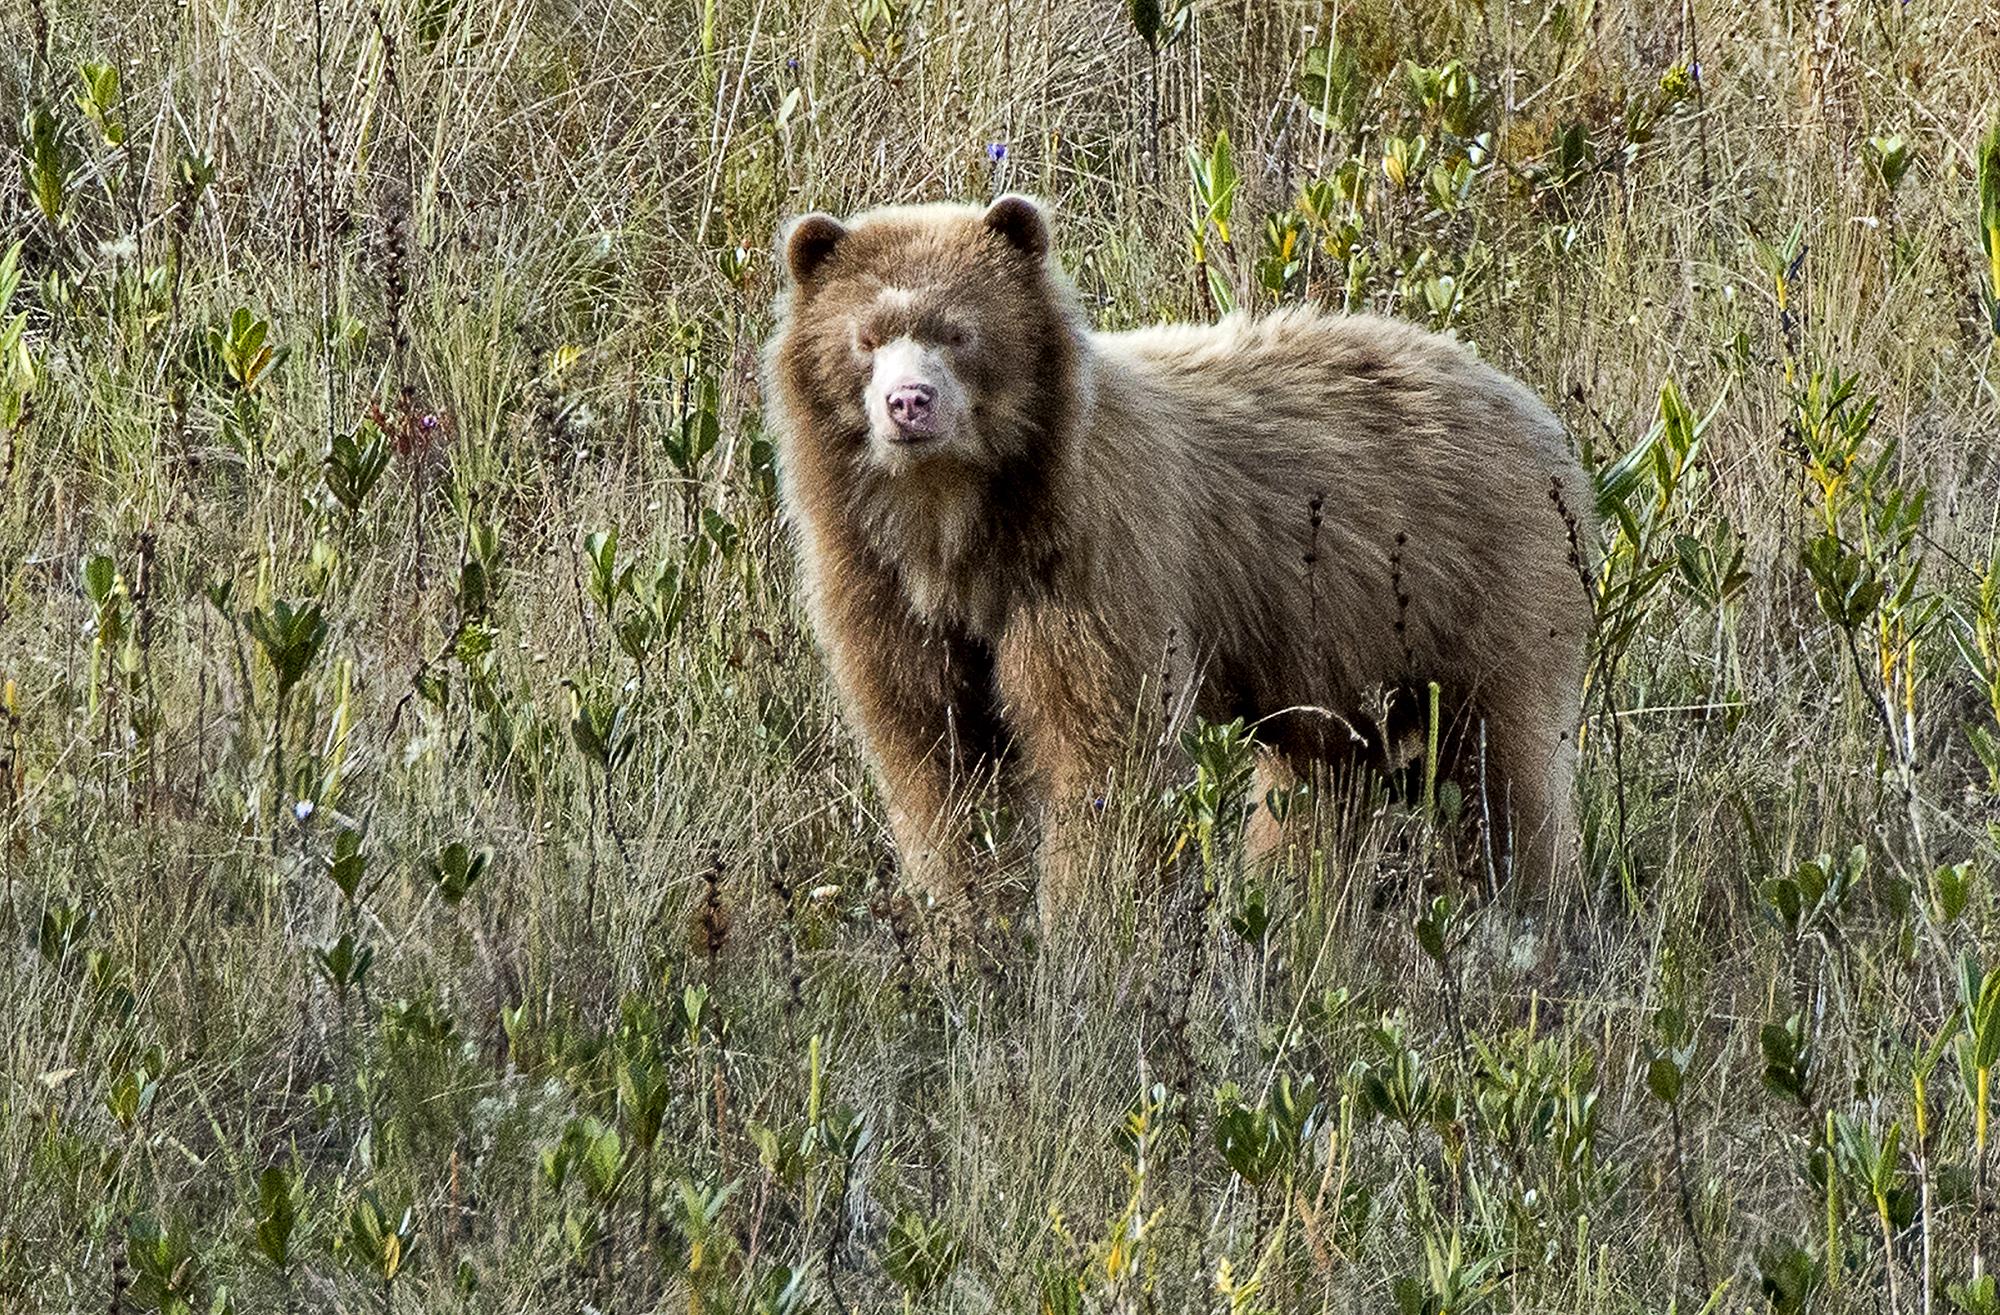 Paddy sería el único ejemplar de oso dorado que habita en la región Amazonas. Foto: Michael Tweddle.